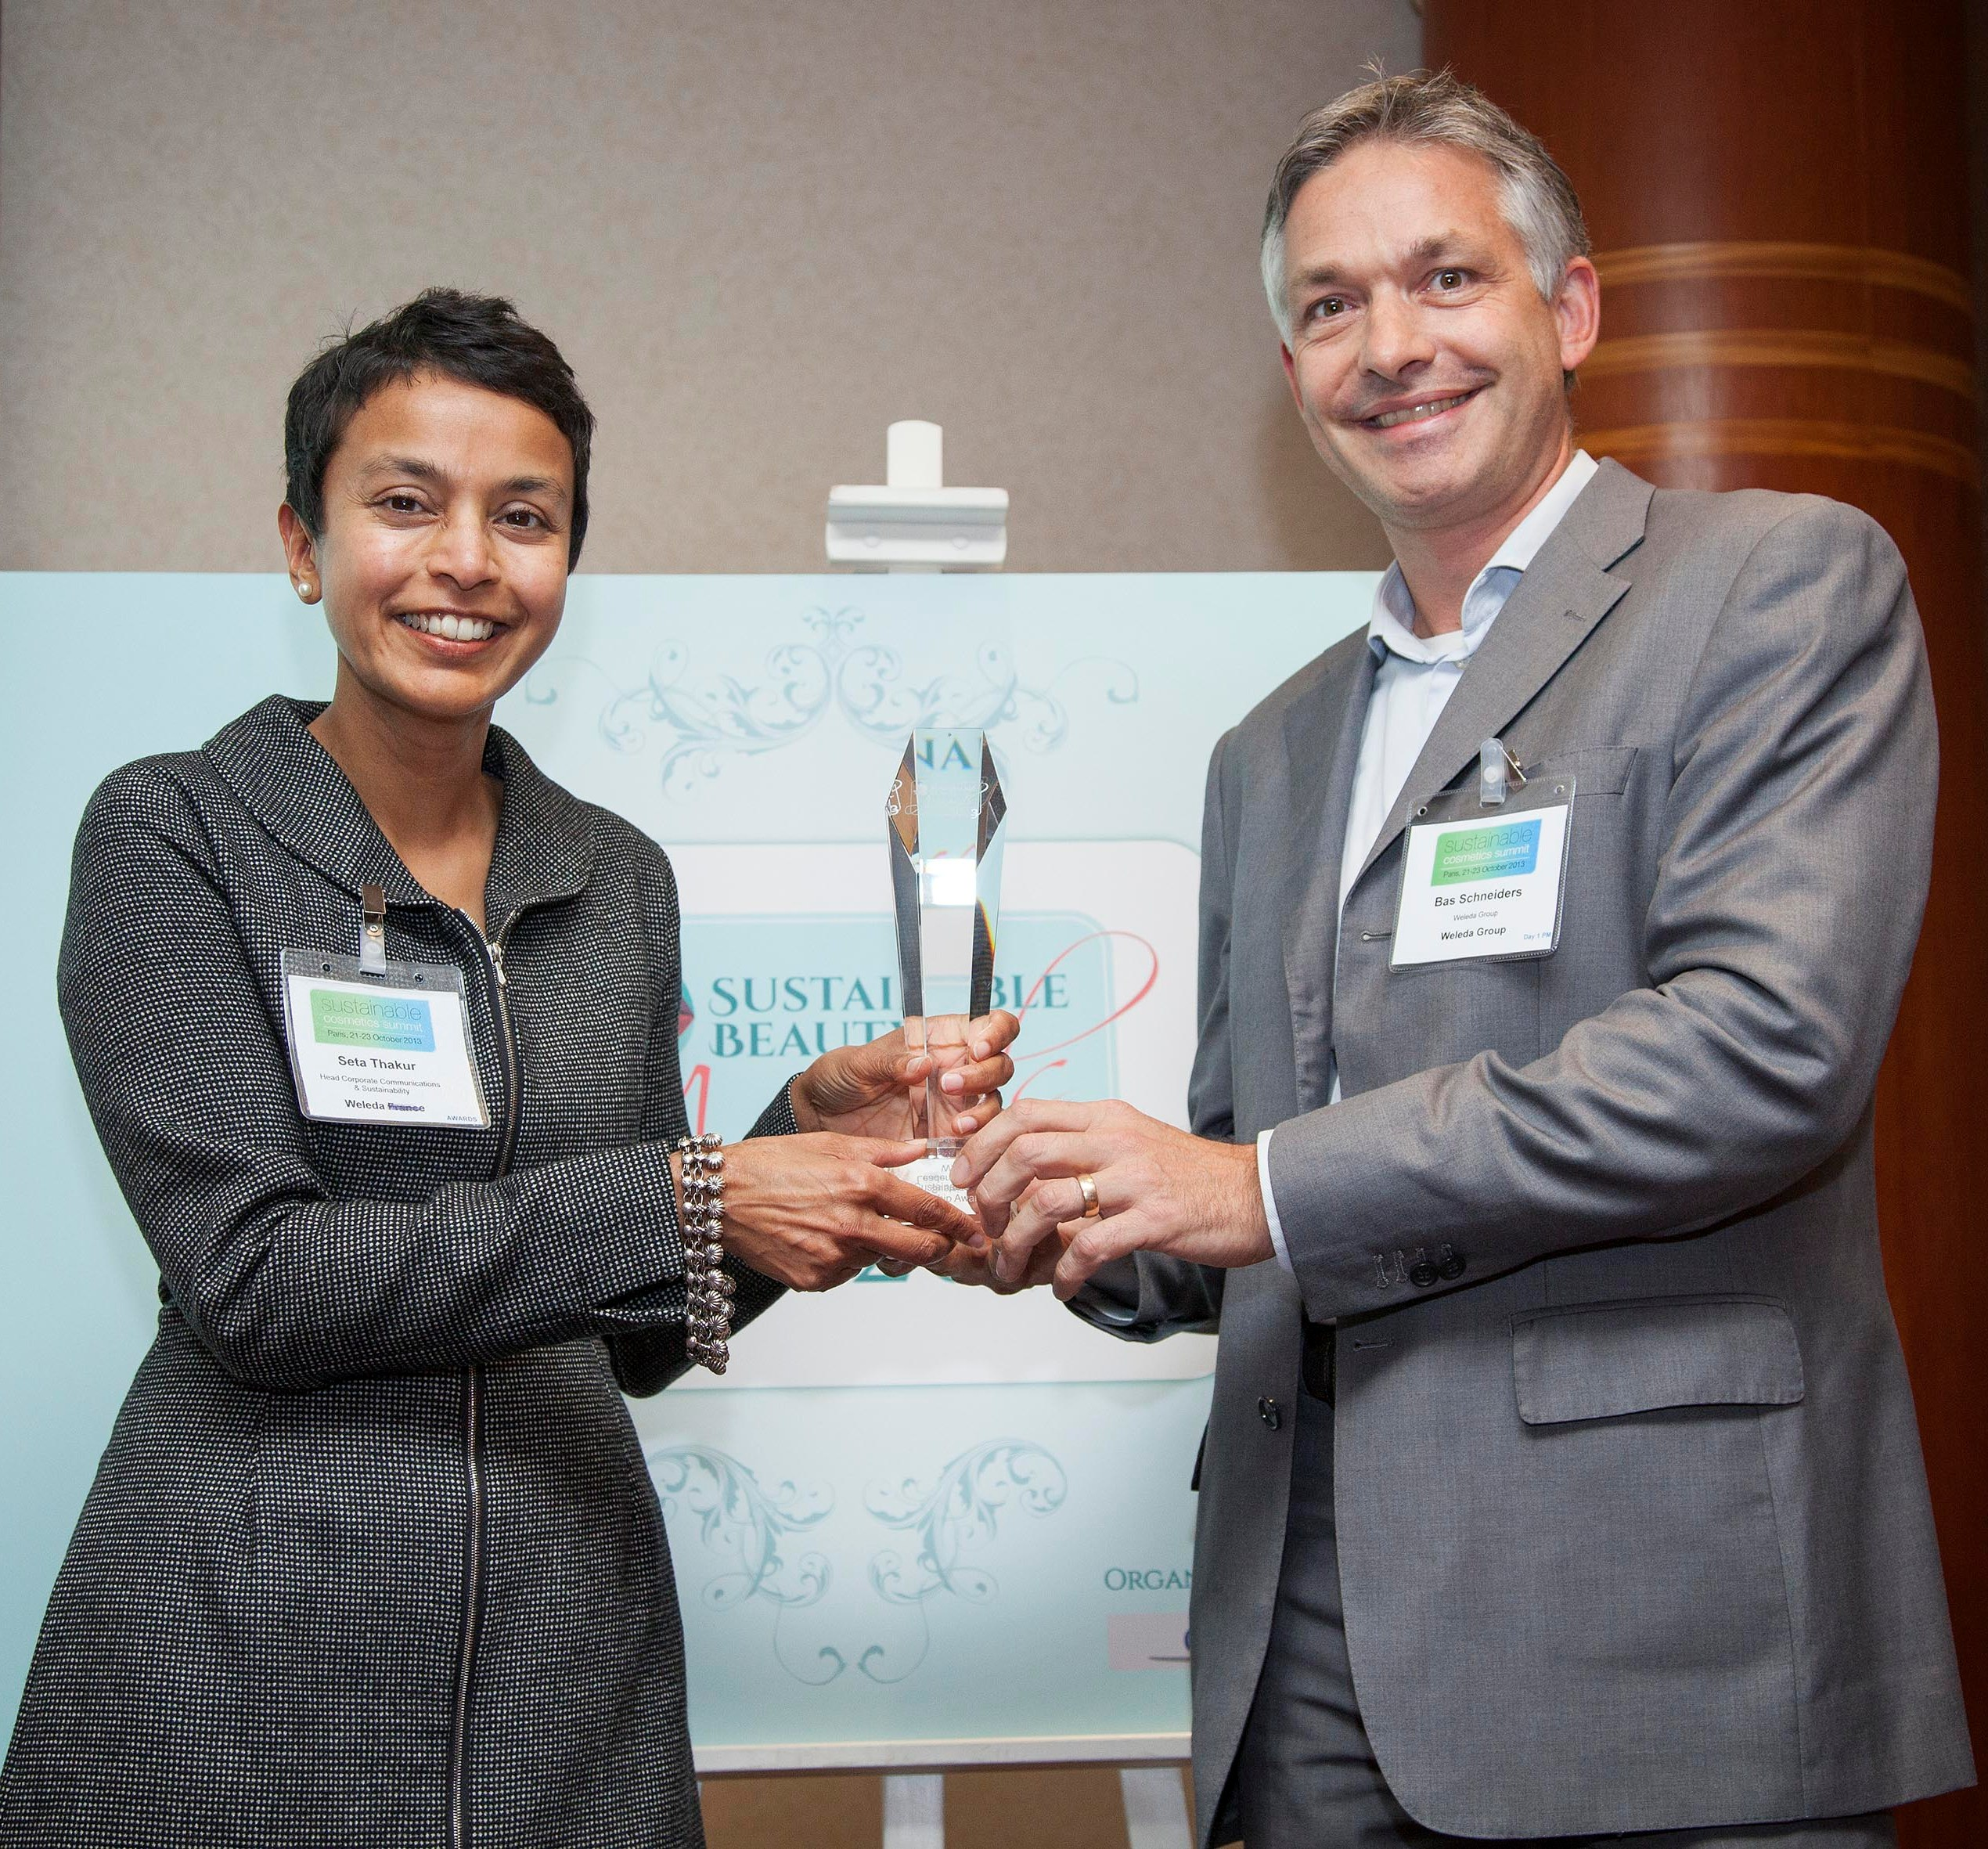 Seta Thakur_Bas Schneiders with award